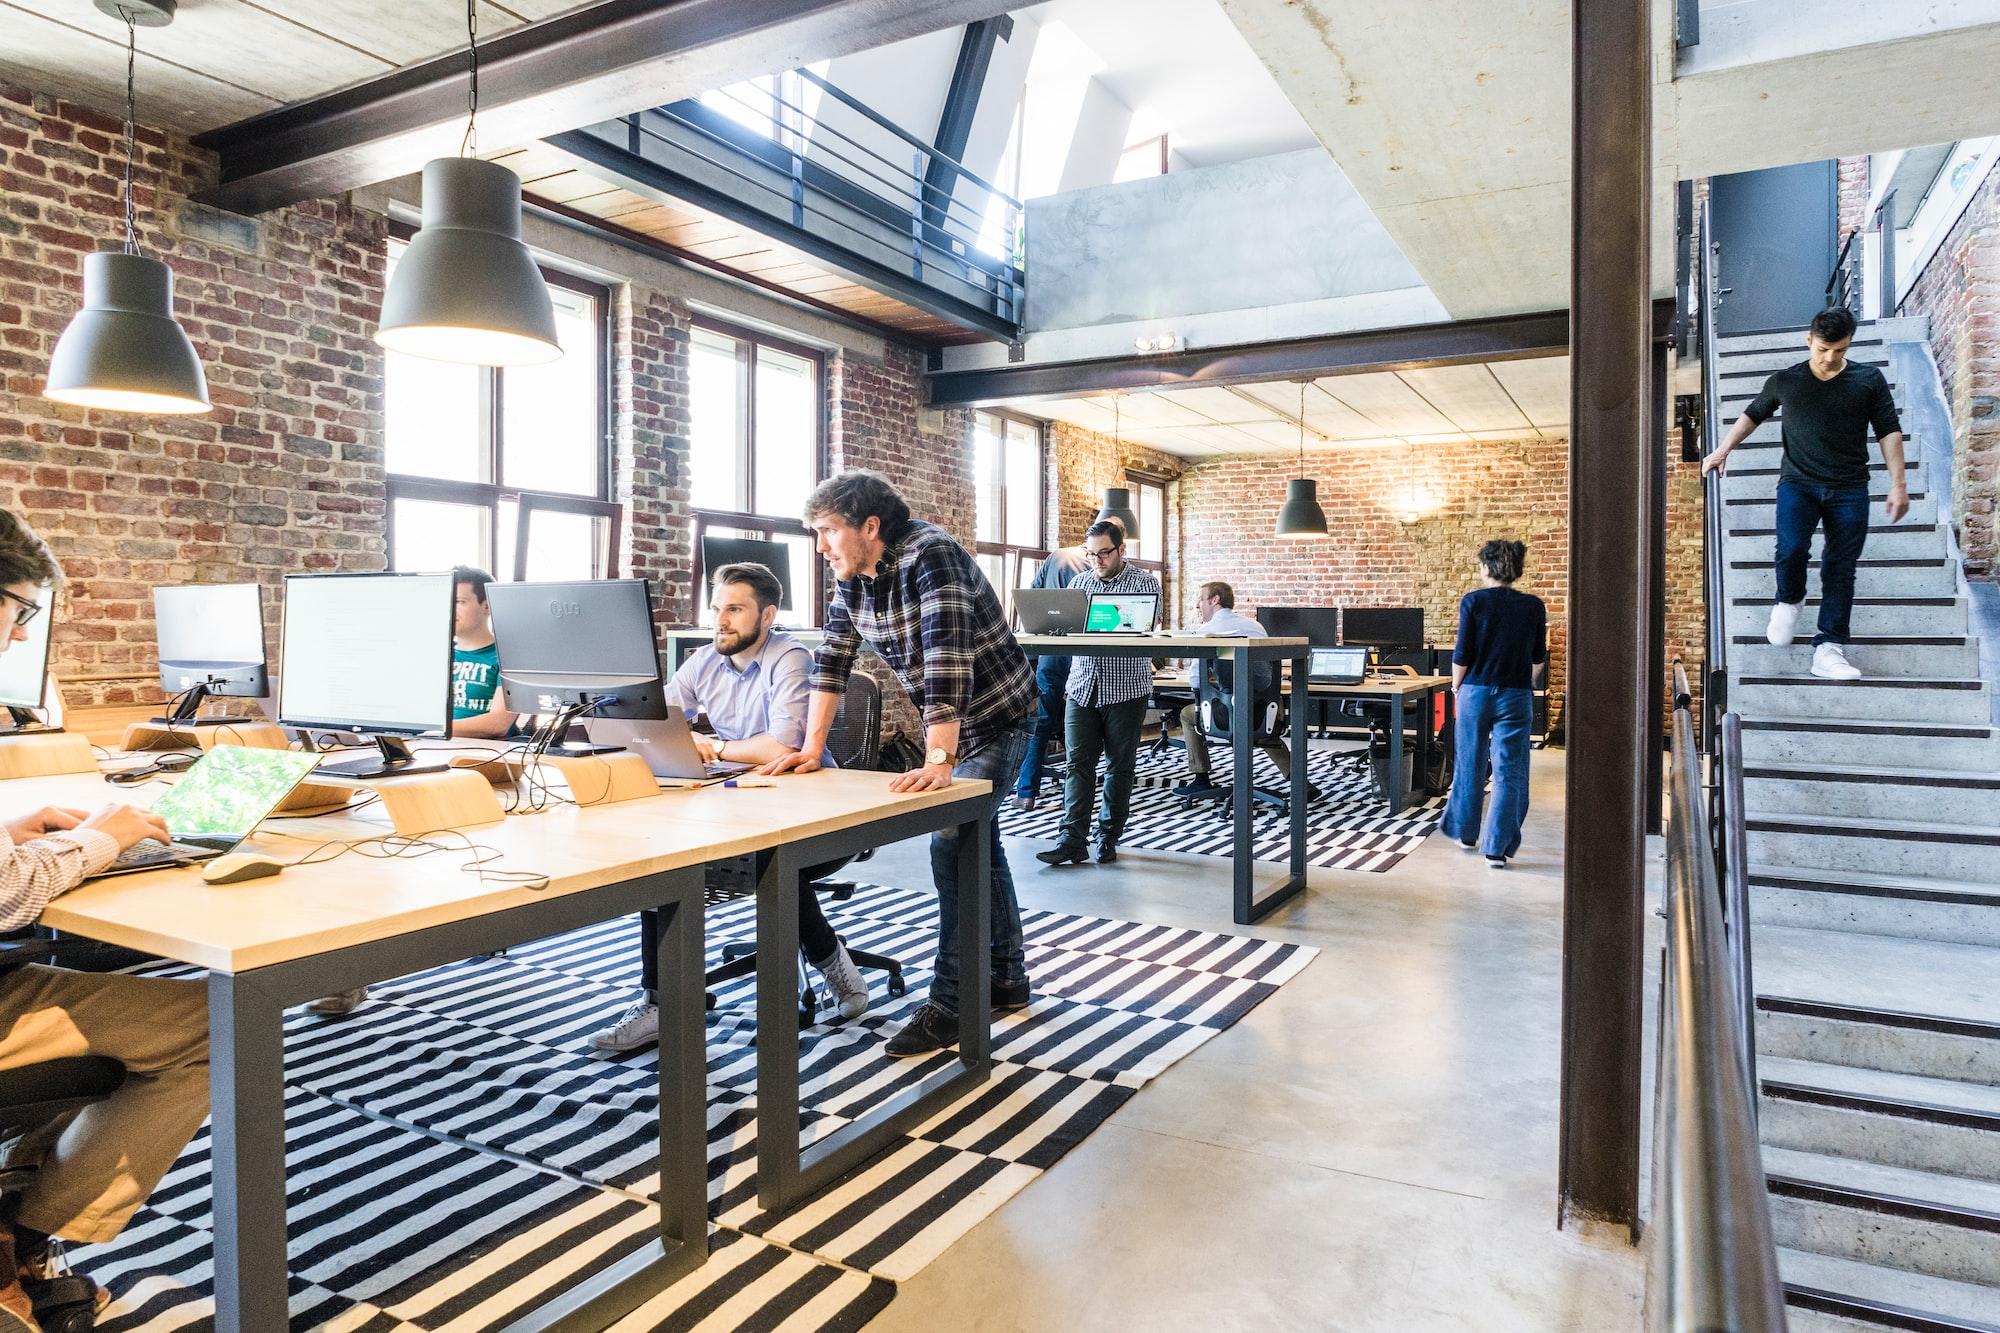 Full-stack startup